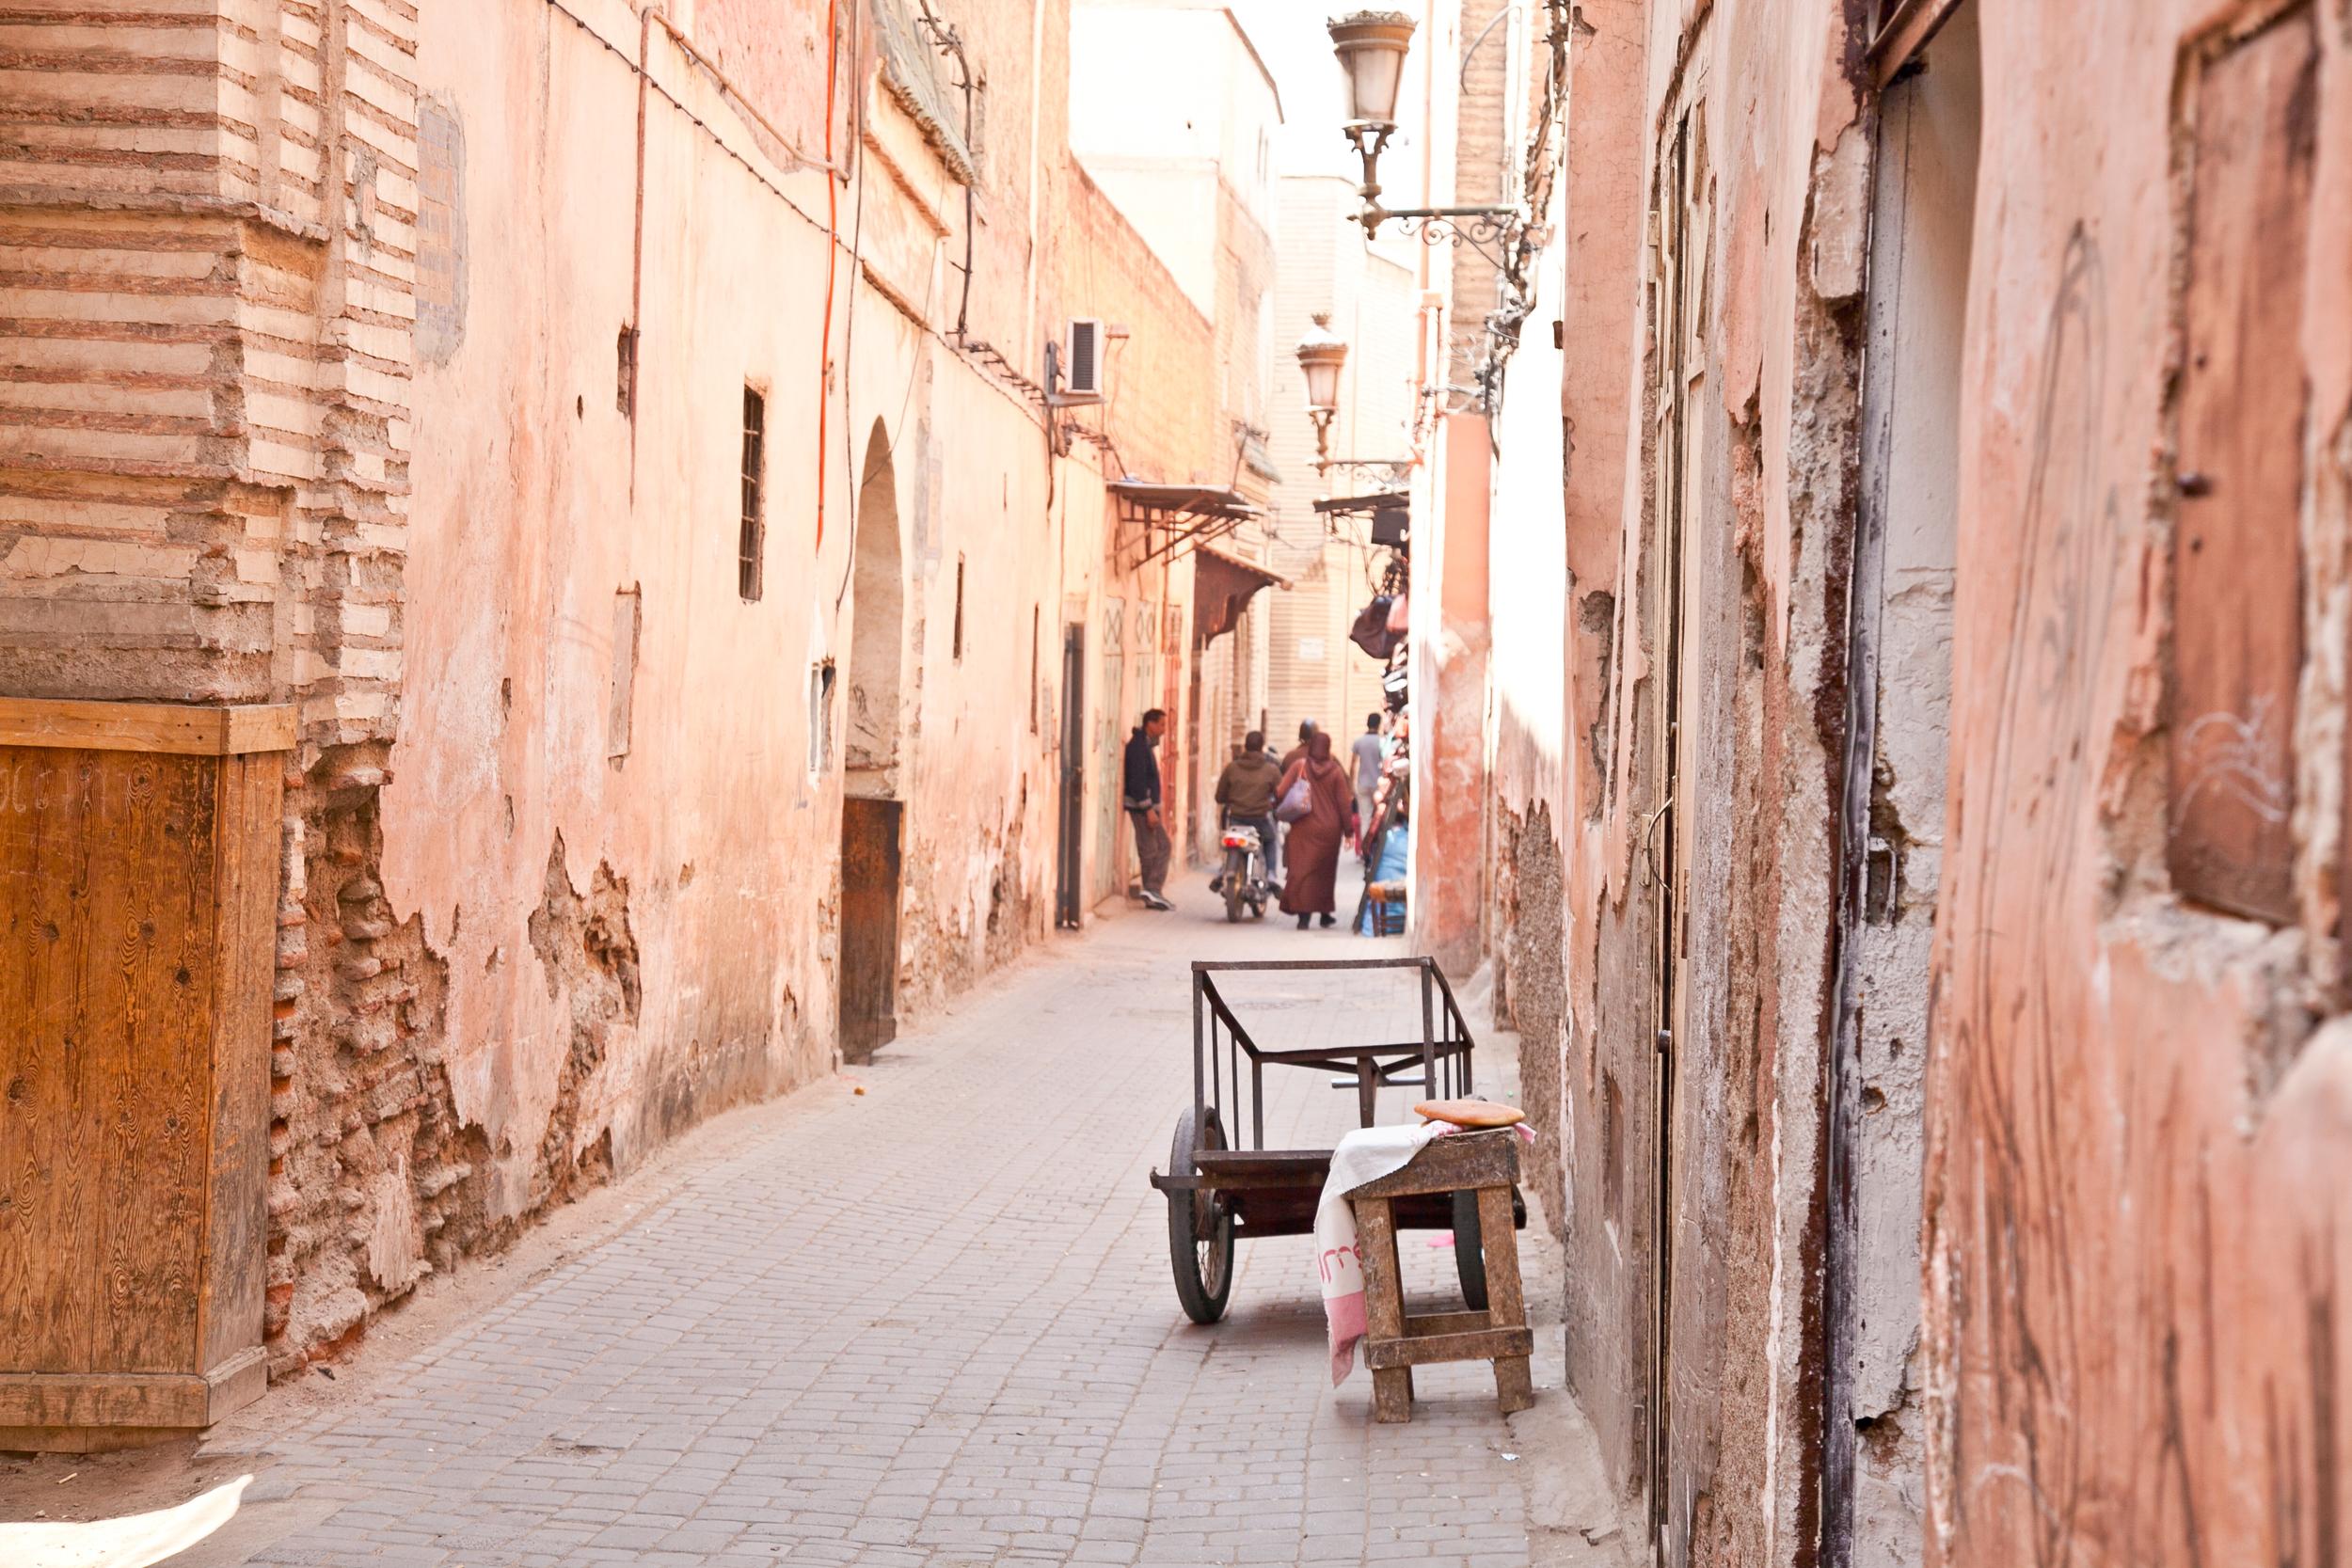 trisa-taro-marrakech-morocco-IMG_3241.jpg